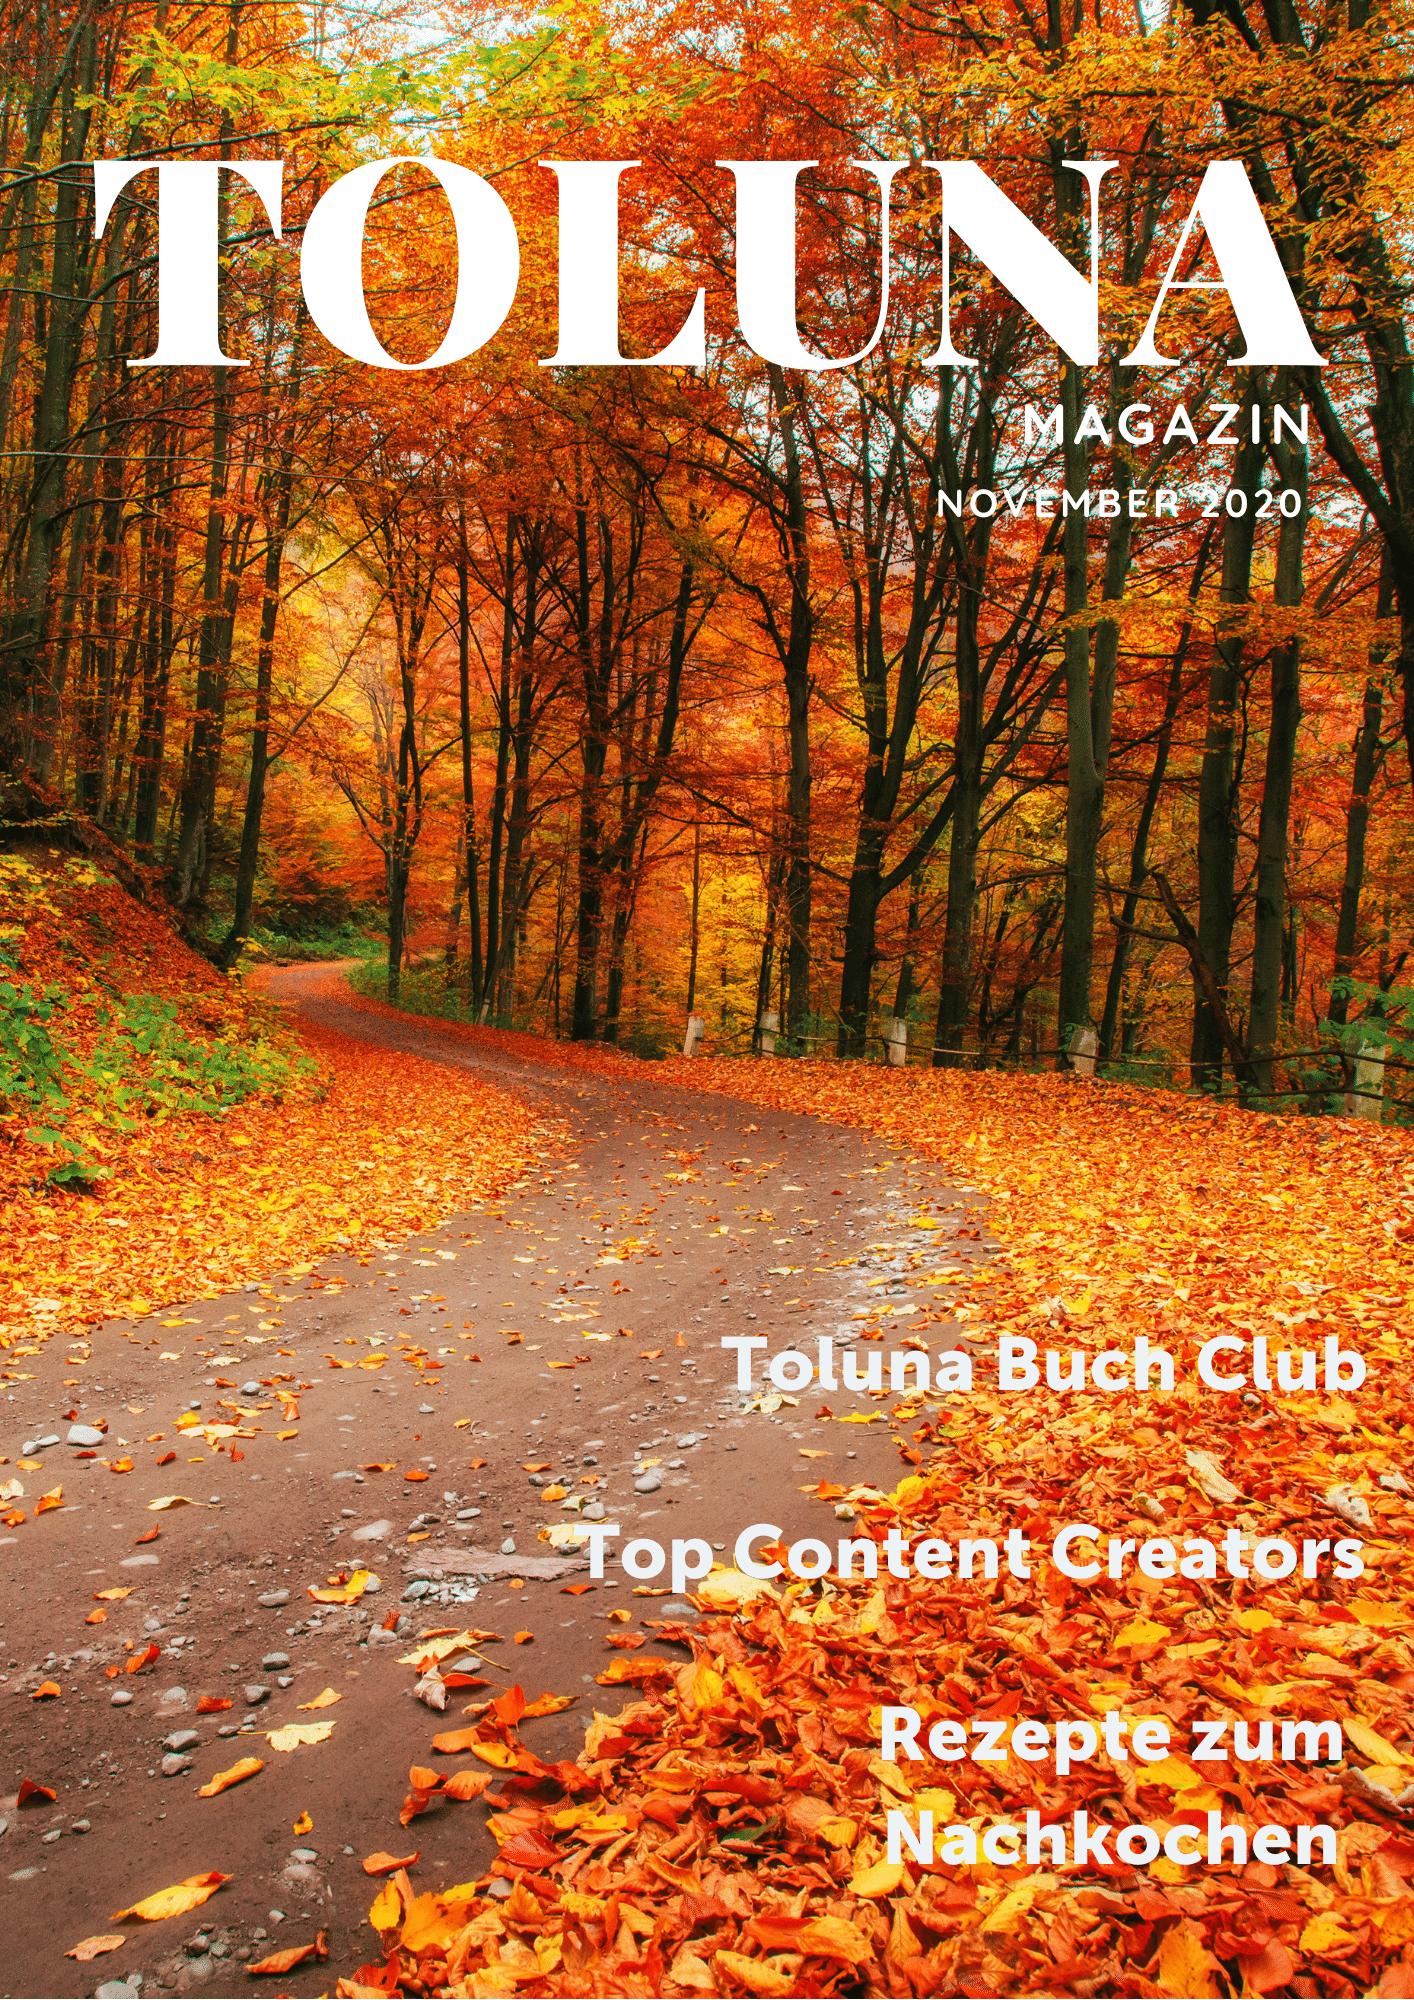 DE November Magazin